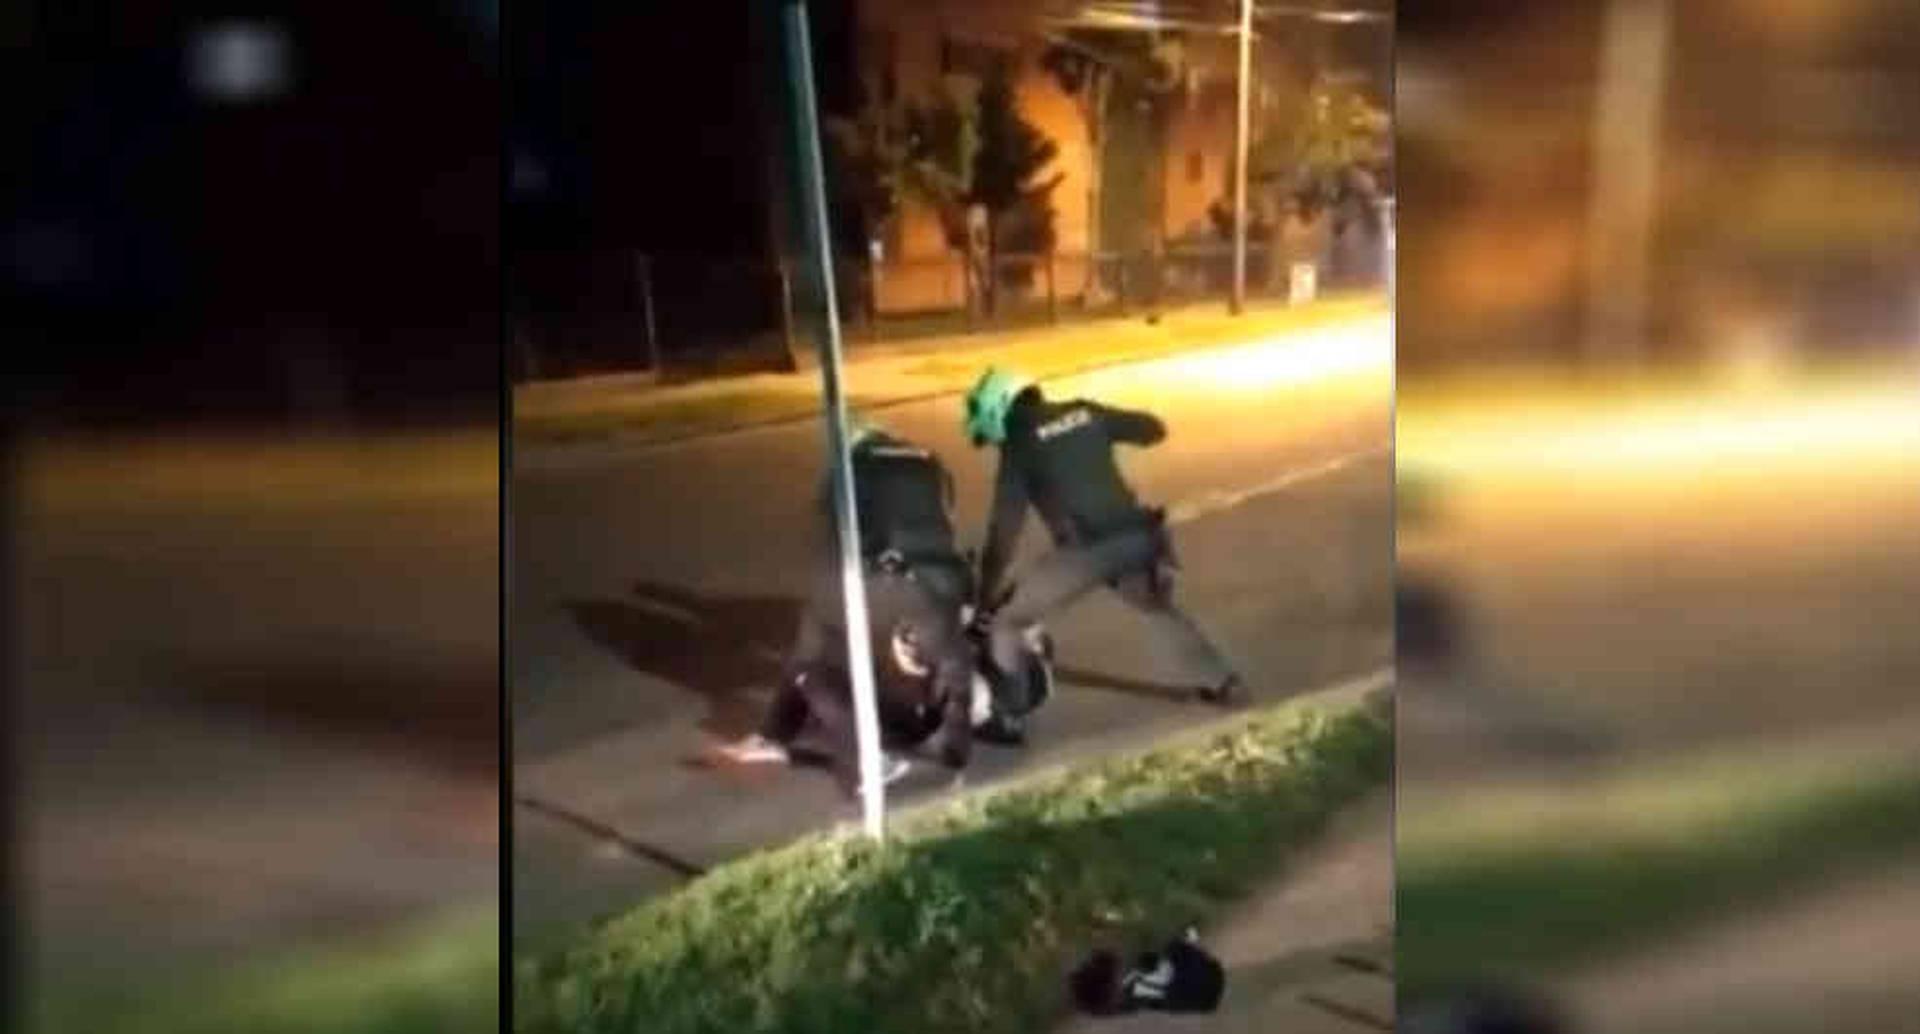 Bogotá: Presunto abuso policial acabó con muerte de abogado por electrochoques